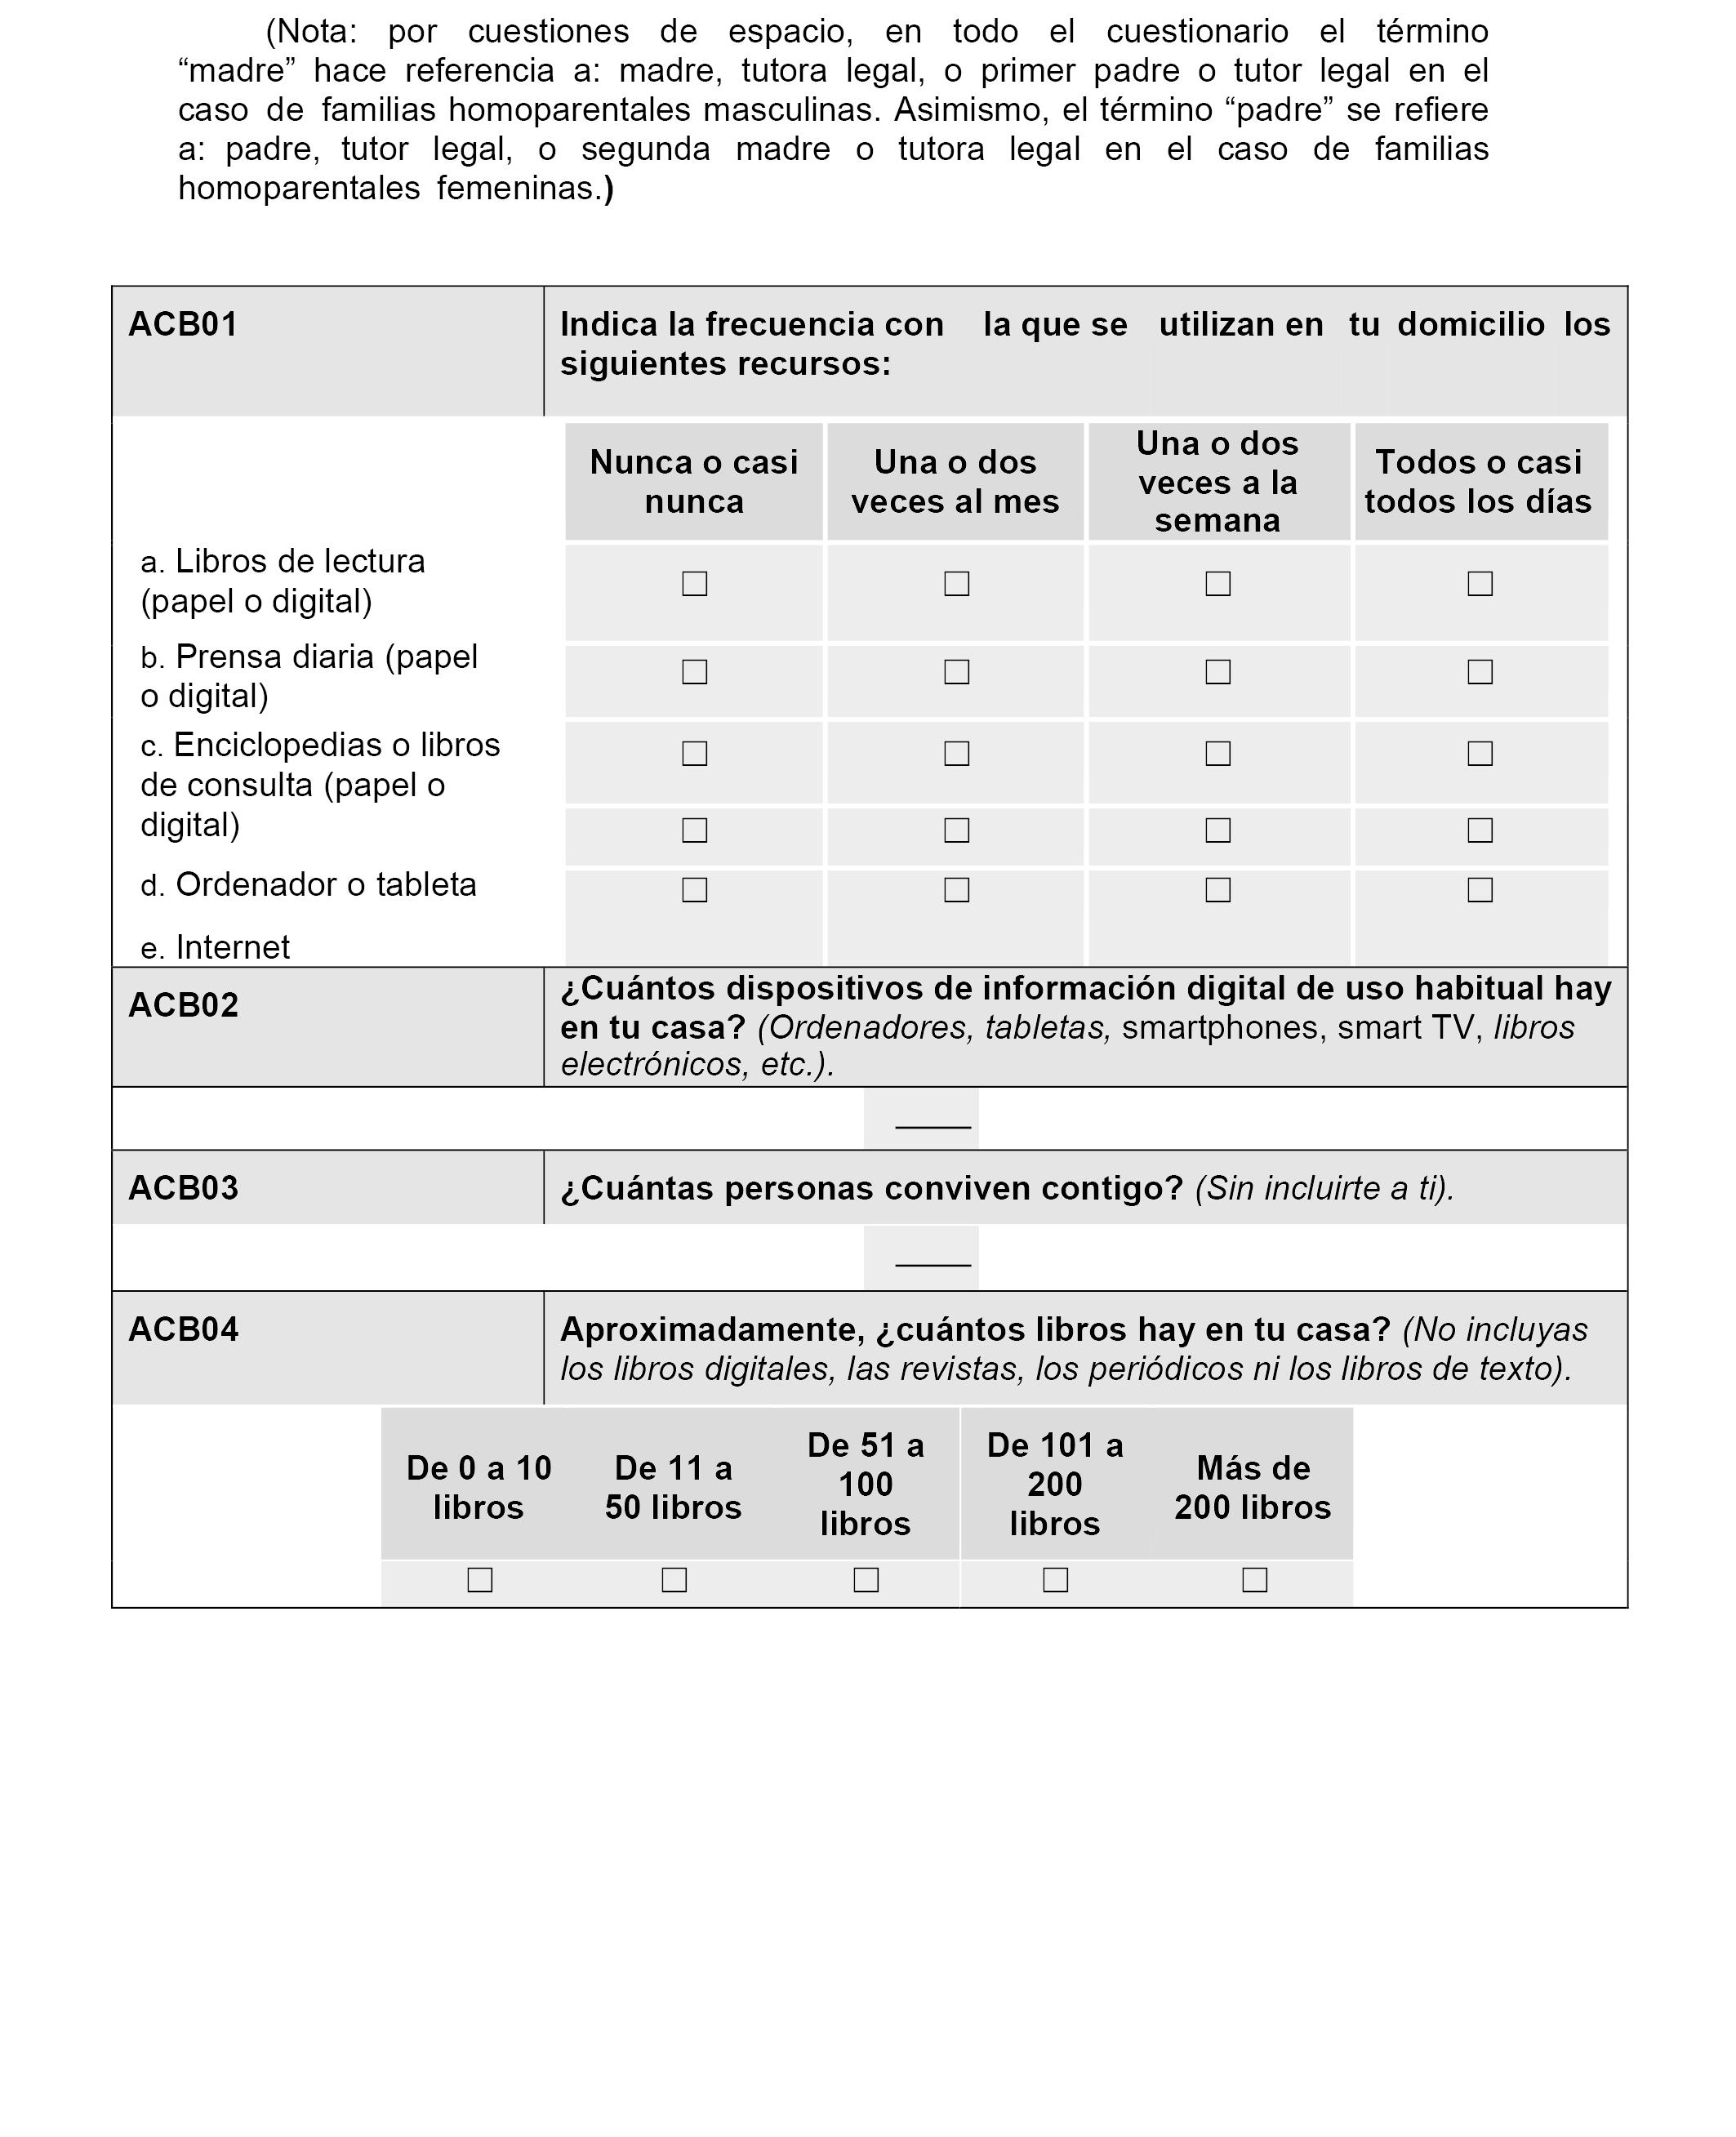 BOE.es - Documento BOE-A-2018-984 14aec1895fa50